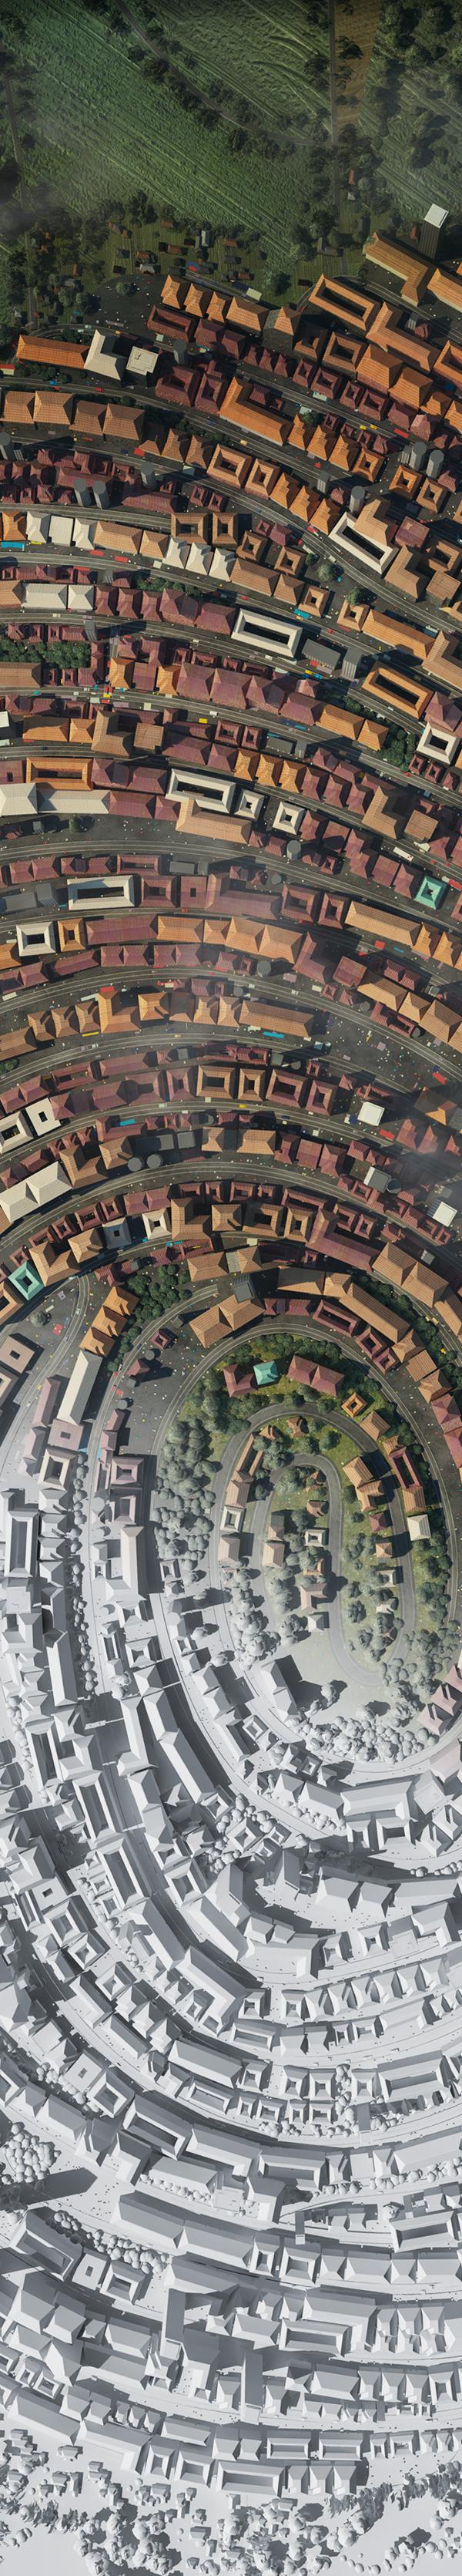 3D 3Dillustration 3D illustration CGI rendering city map google maps google satelite picture Satelite fingerprint Birds Eye maps Urban